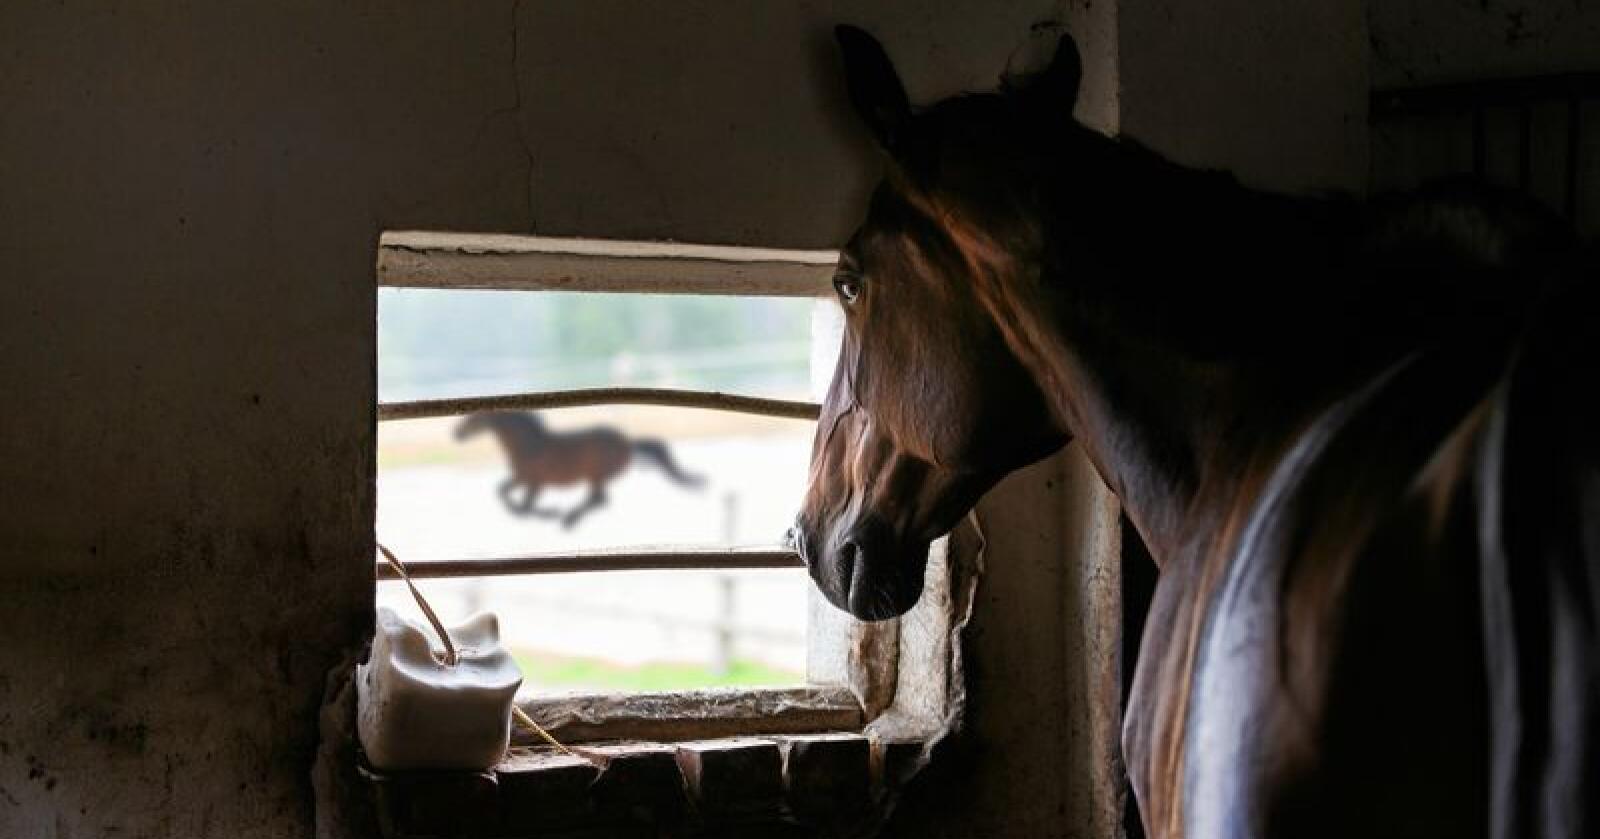 Hestenæringen trenger penger, skriver leserbrevforfatteren. Foto: Konstantin Tronin / Mostphotos